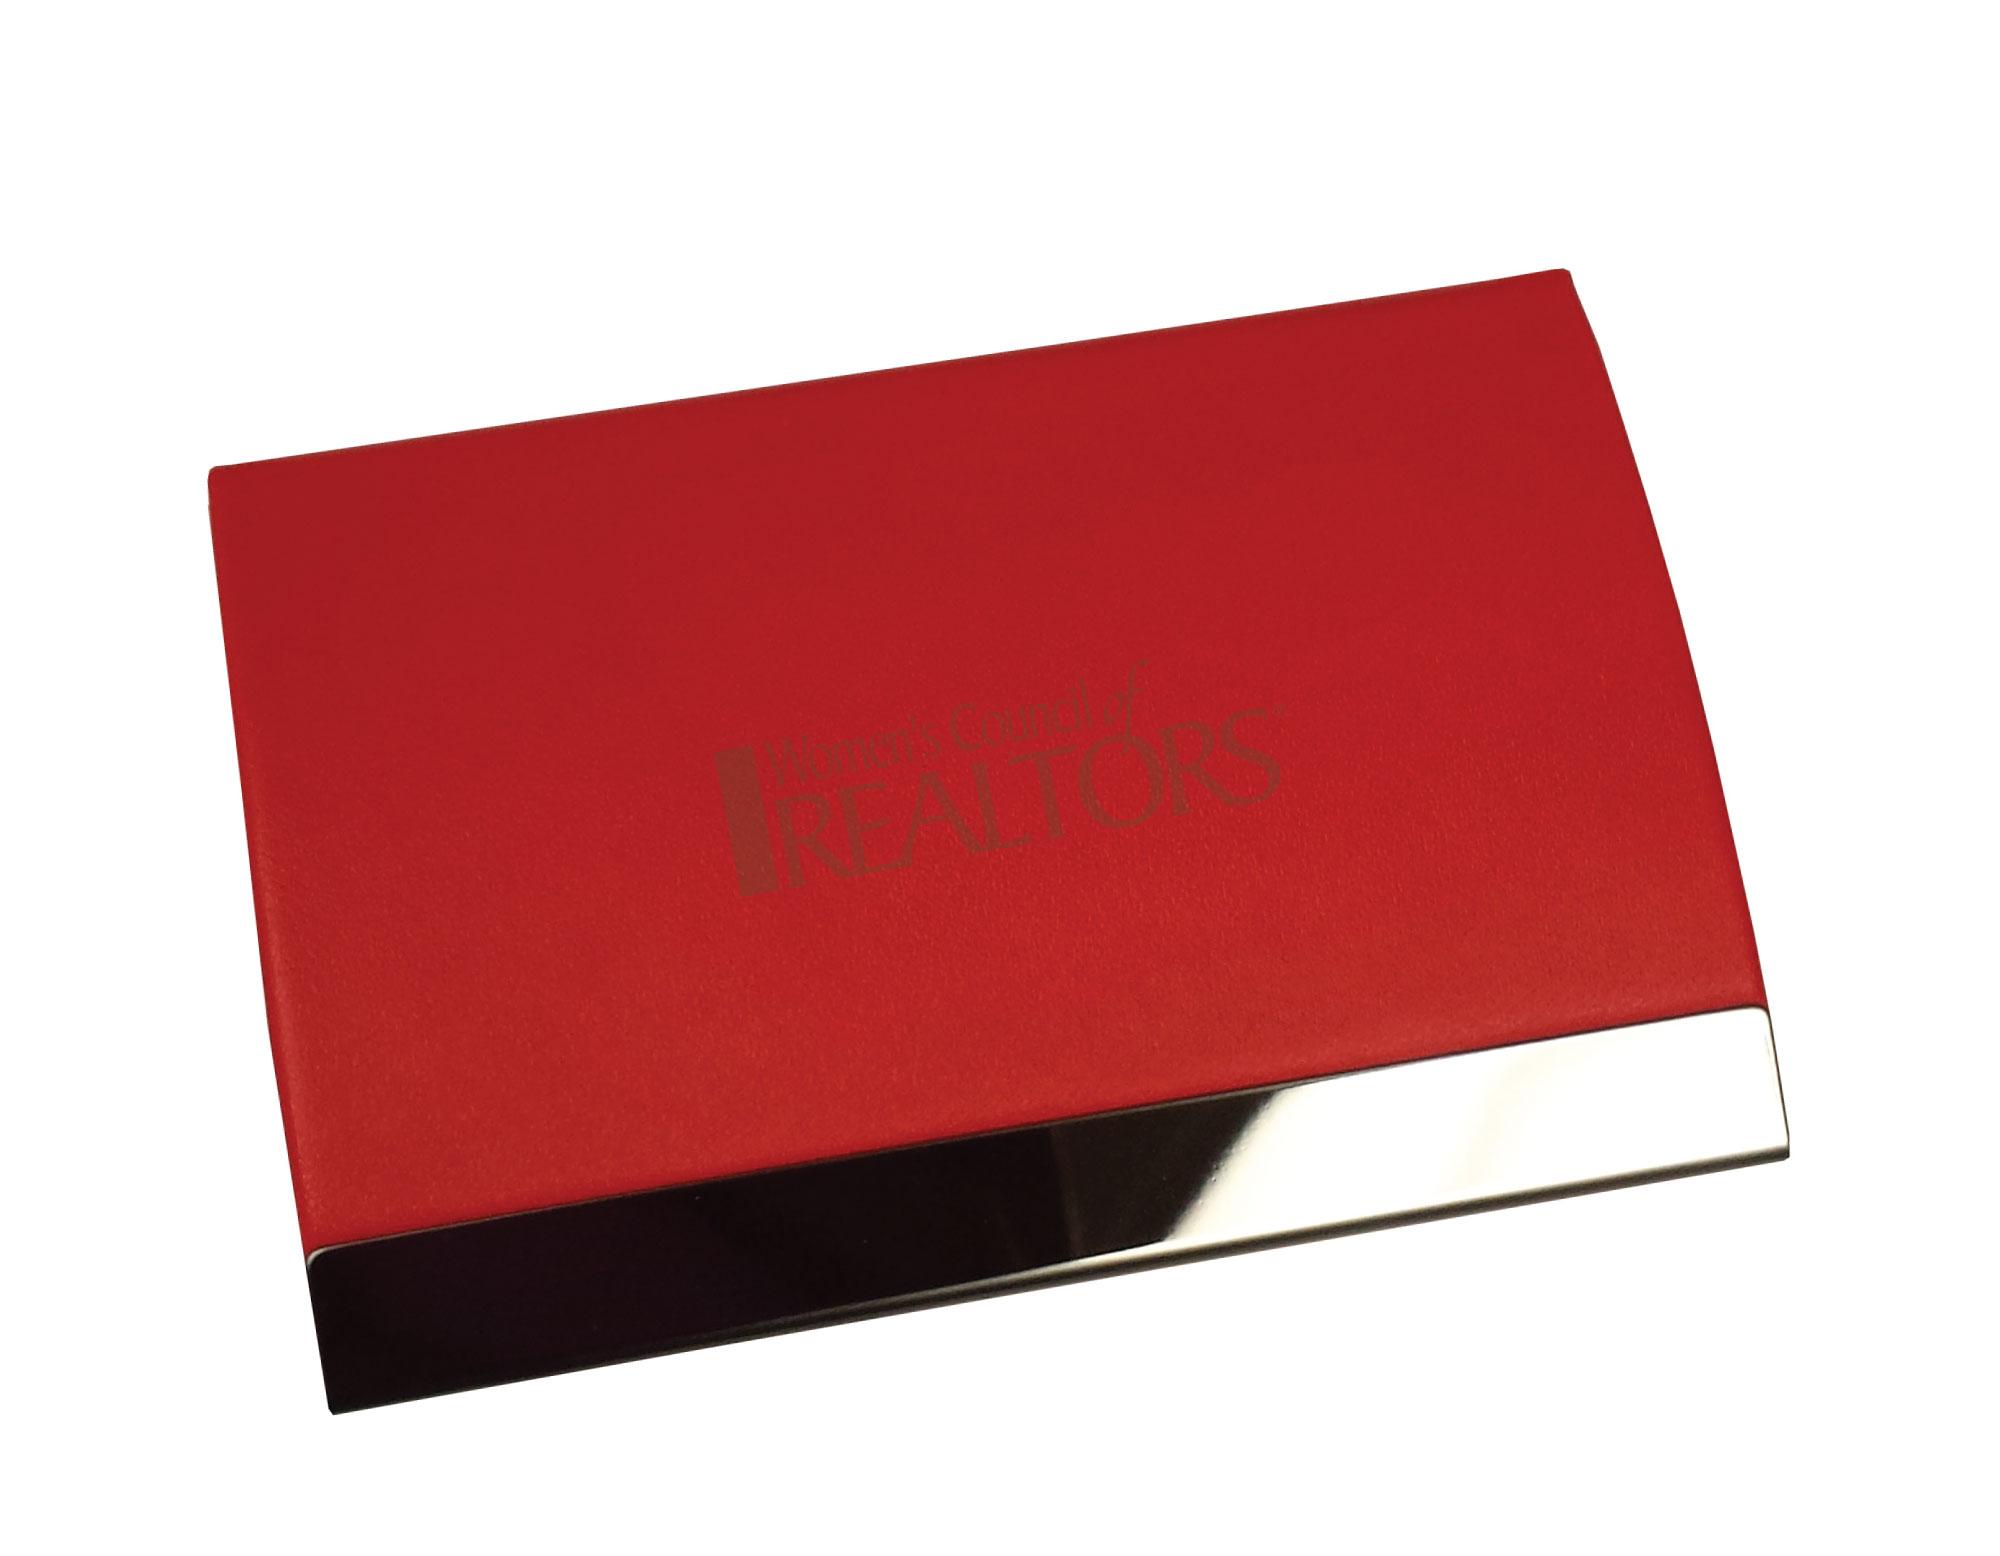 Curve Business Card Case - WCR4283